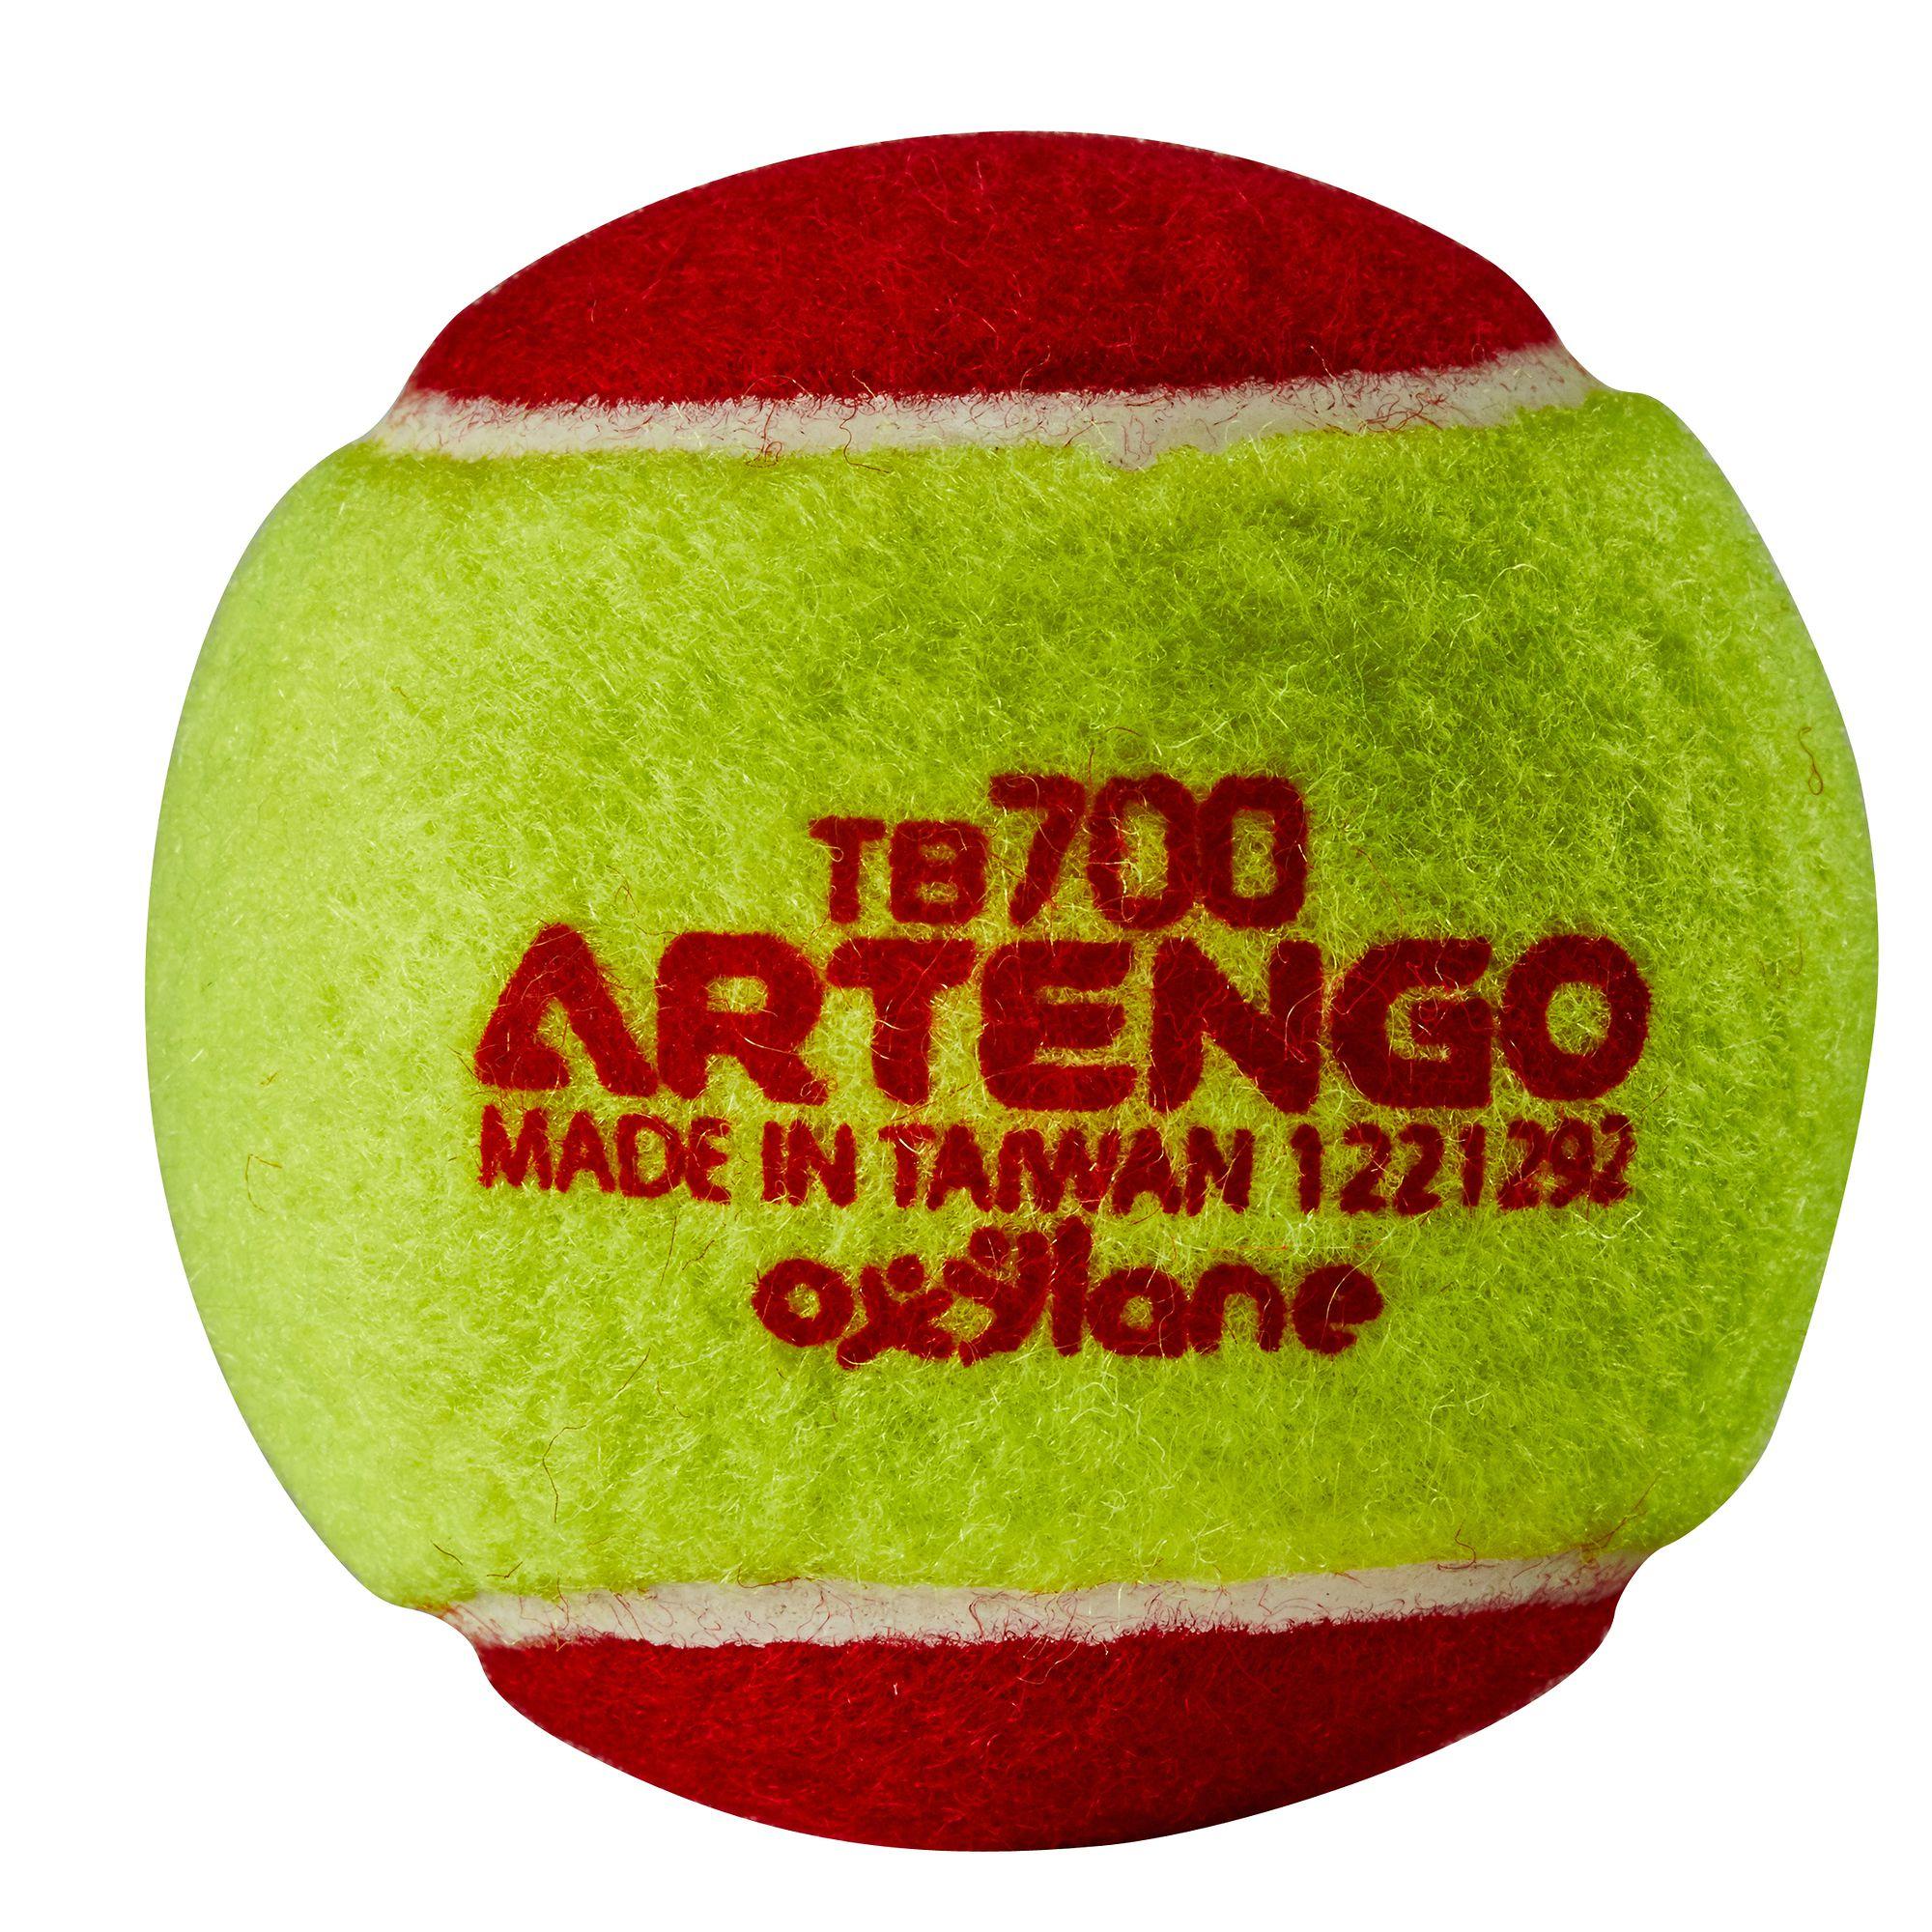 BALLES DE TENNIS TB 700 ARTENGO